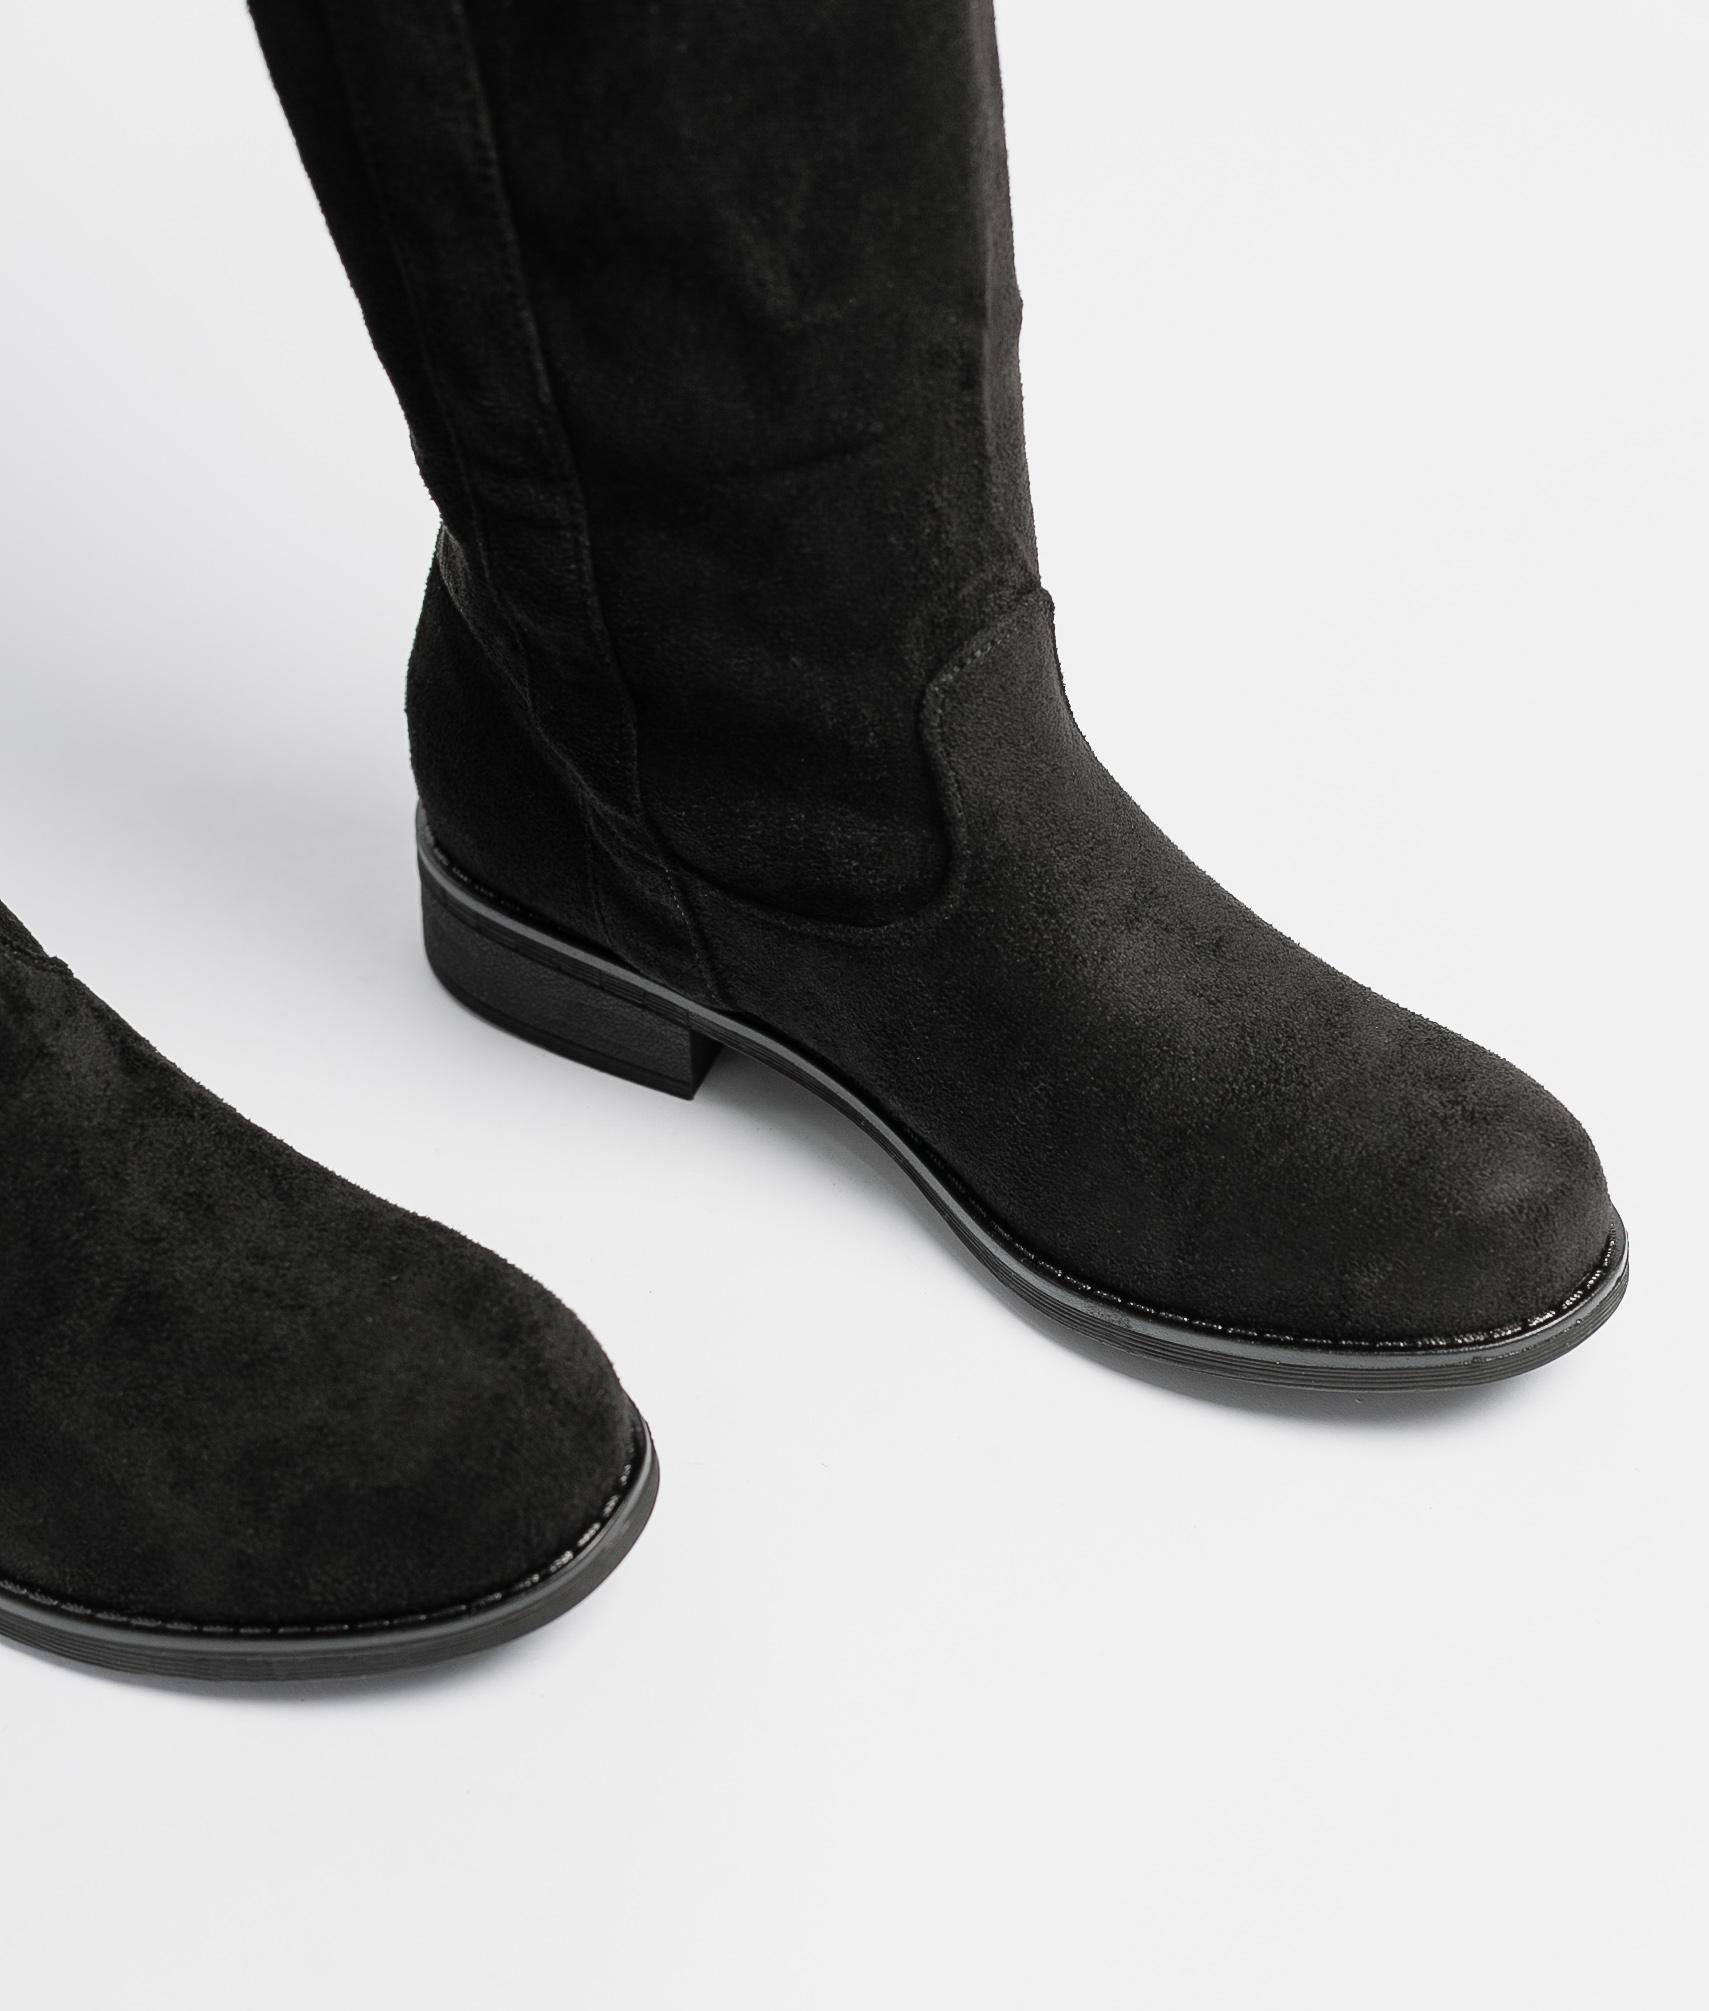 Botte Cuissarde Lupita - Noir